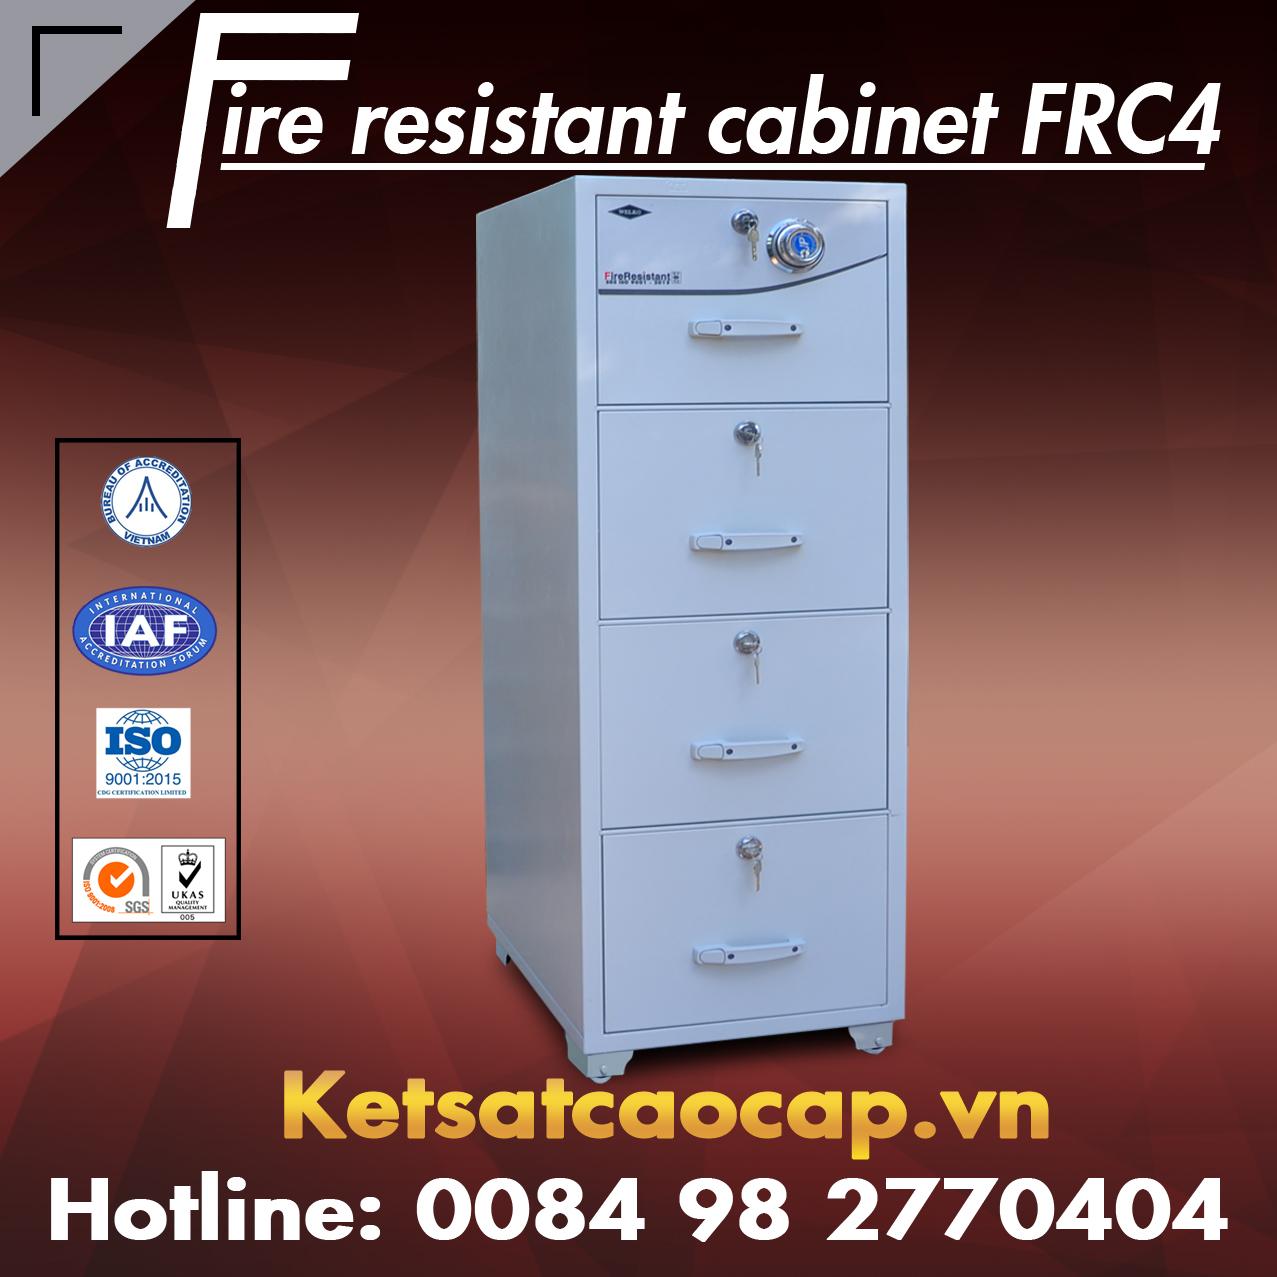 Giá bán các loại tủ hồ sơ chống cháy chính hãng